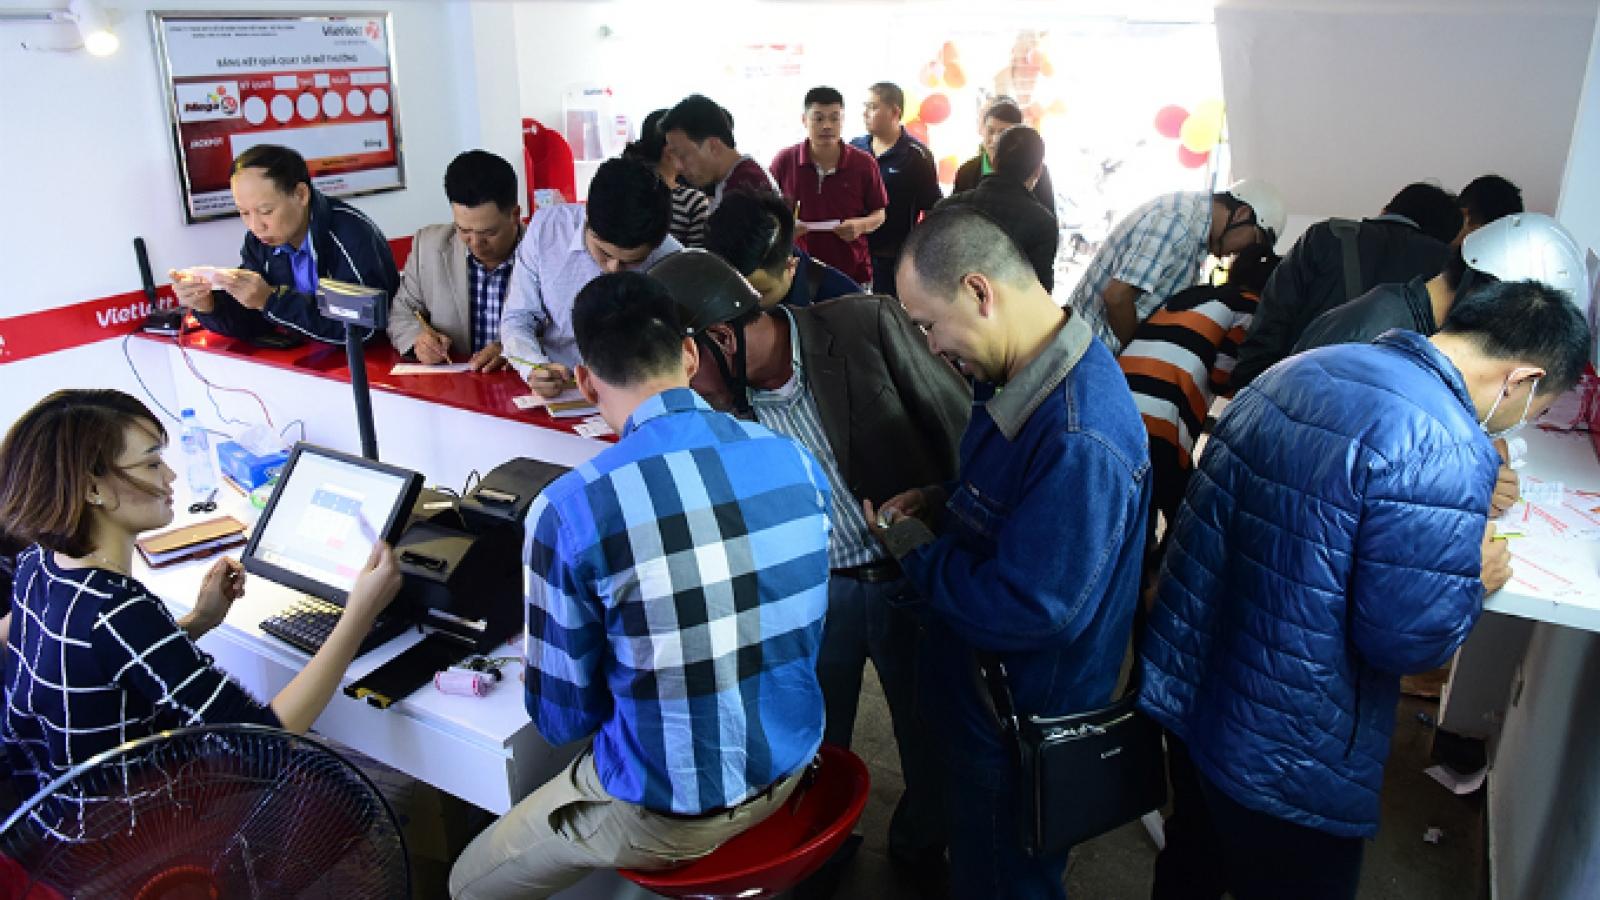 Vietnam's love of gambling sends lottery sales skyrocketing